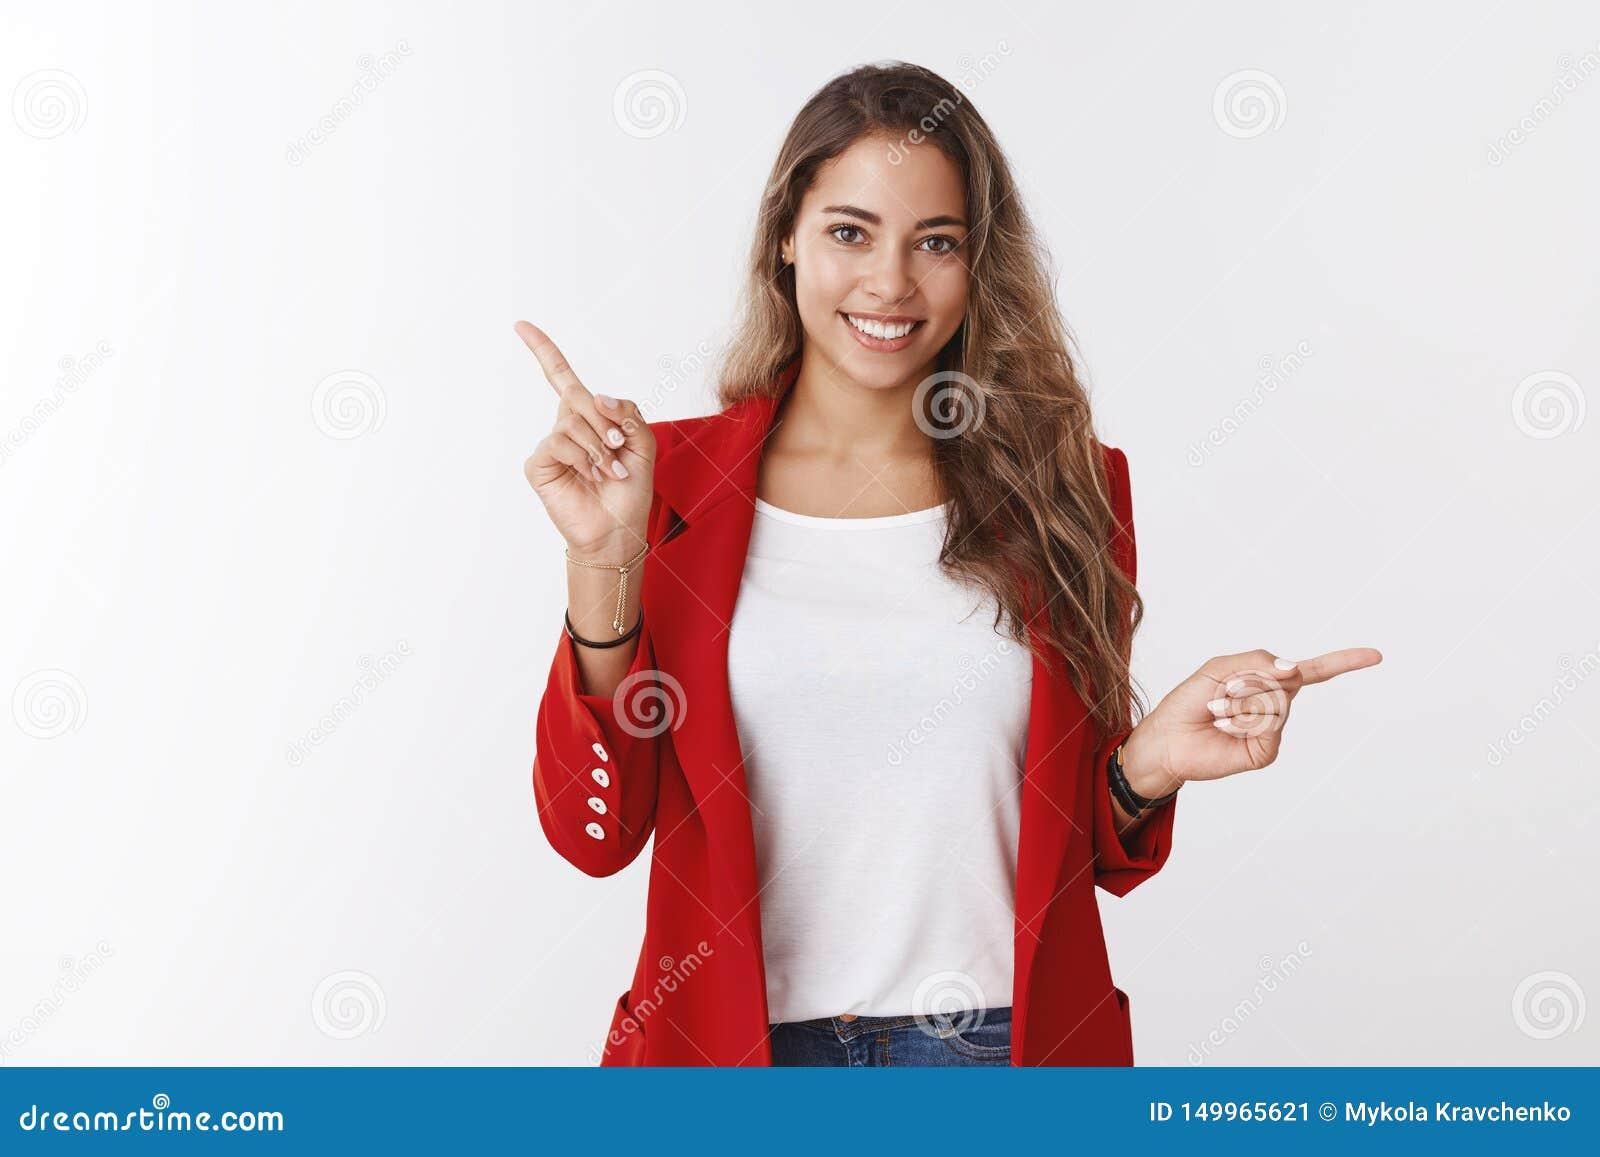 Lo studio ha sparato alla donna caucasica felice sorridente amichevole attraente 25s che porta il rivestimento rosso che indica l